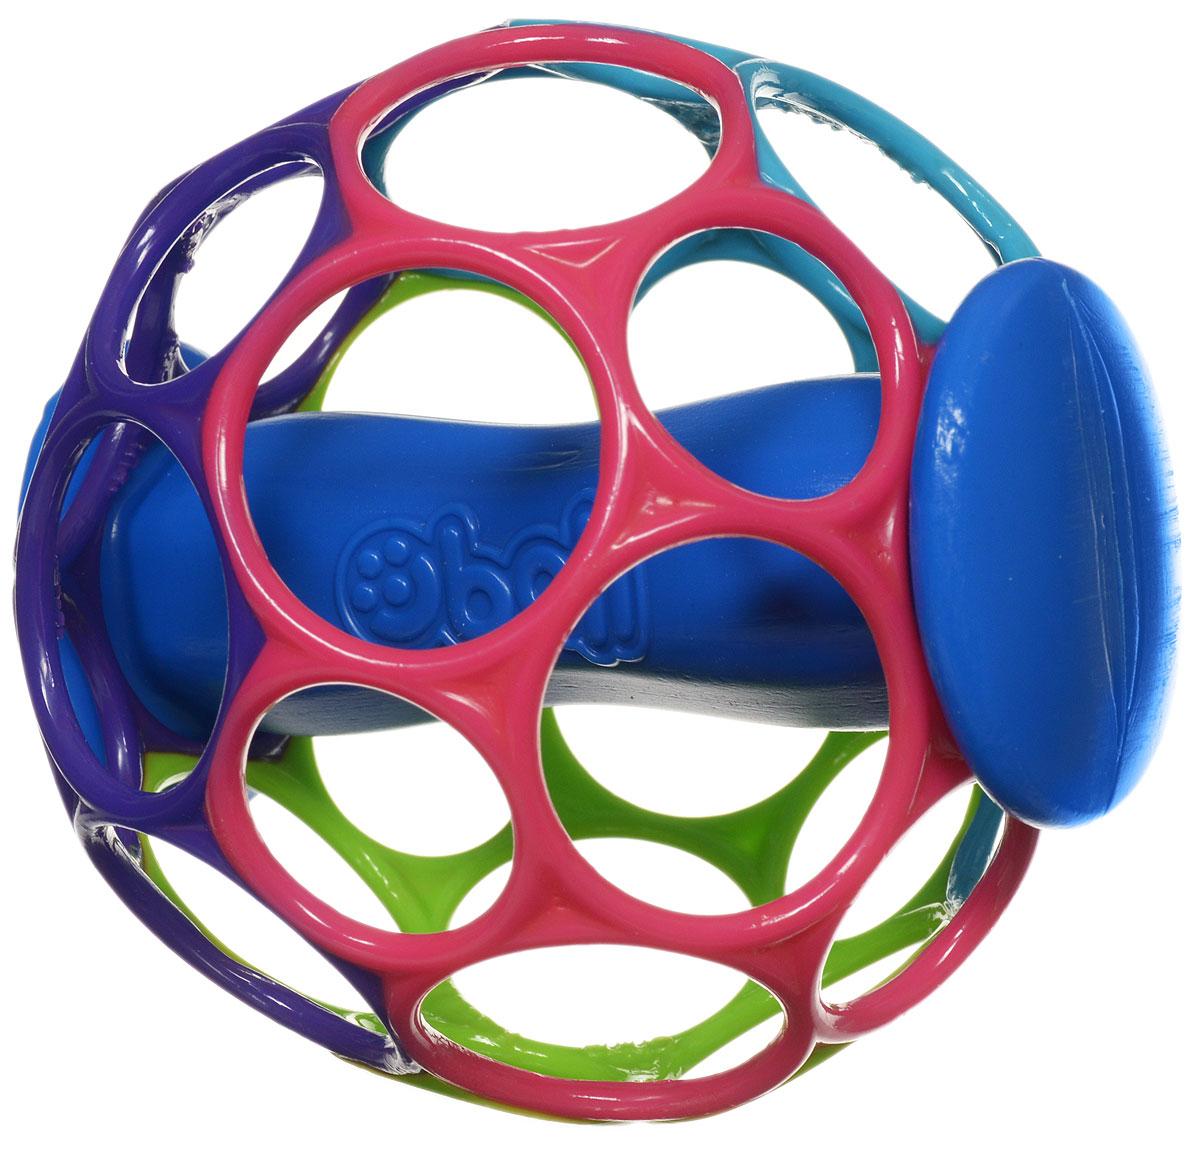 Oball Мячик с поплавком10246Мячик с поплавком Oball не только делает купание в ванной веселым, но и развивает мелкую моторику рук, а также обостряет тактильные ощущения малыша. Изготовлена игрушка из мягкого гибкого пластика, который приятен на ощупь и не поранит ребенка. Мячик обладает на удивление пестрой и яркой расцветкой. Благодаря поплавку, мячик держится на воде, а за счет отверстий мыльная пенка может стать более пышной. Для ребенка это может быть первой в жизни забавной игрой в мяч.